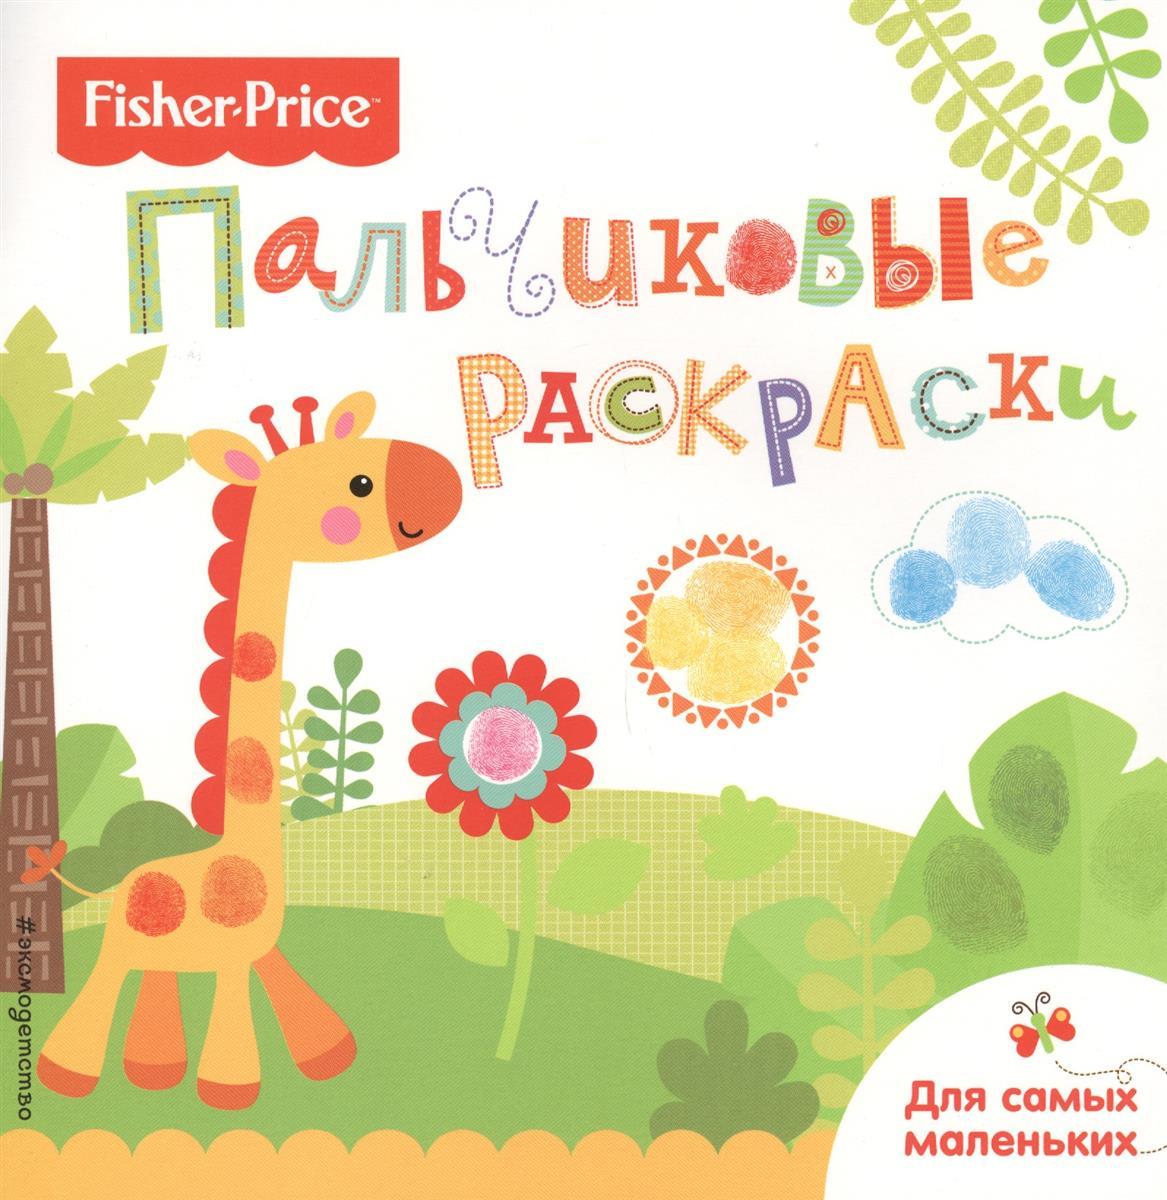 Талалаева Е.: Жираф. Раскраски для самых маленьких